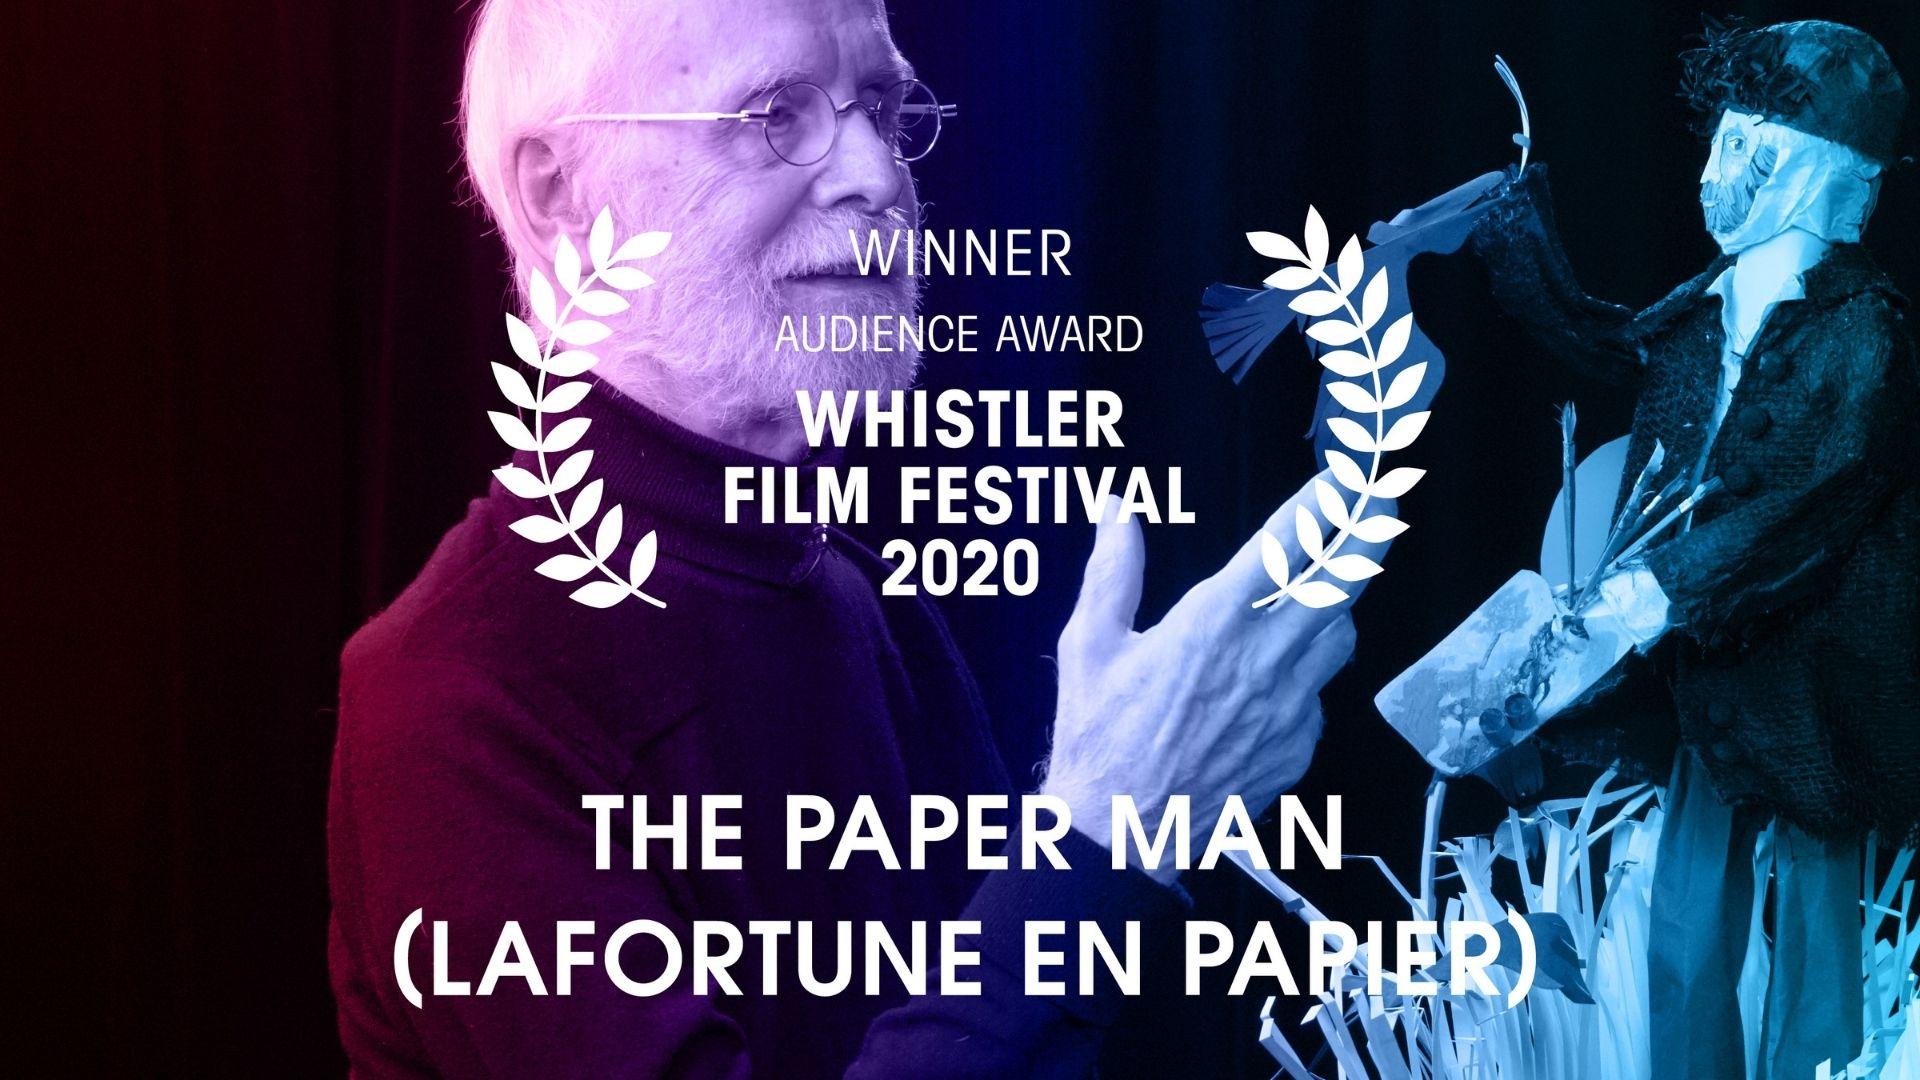 THE PAPER MAN (LAFORTUNE EN PAPIER)